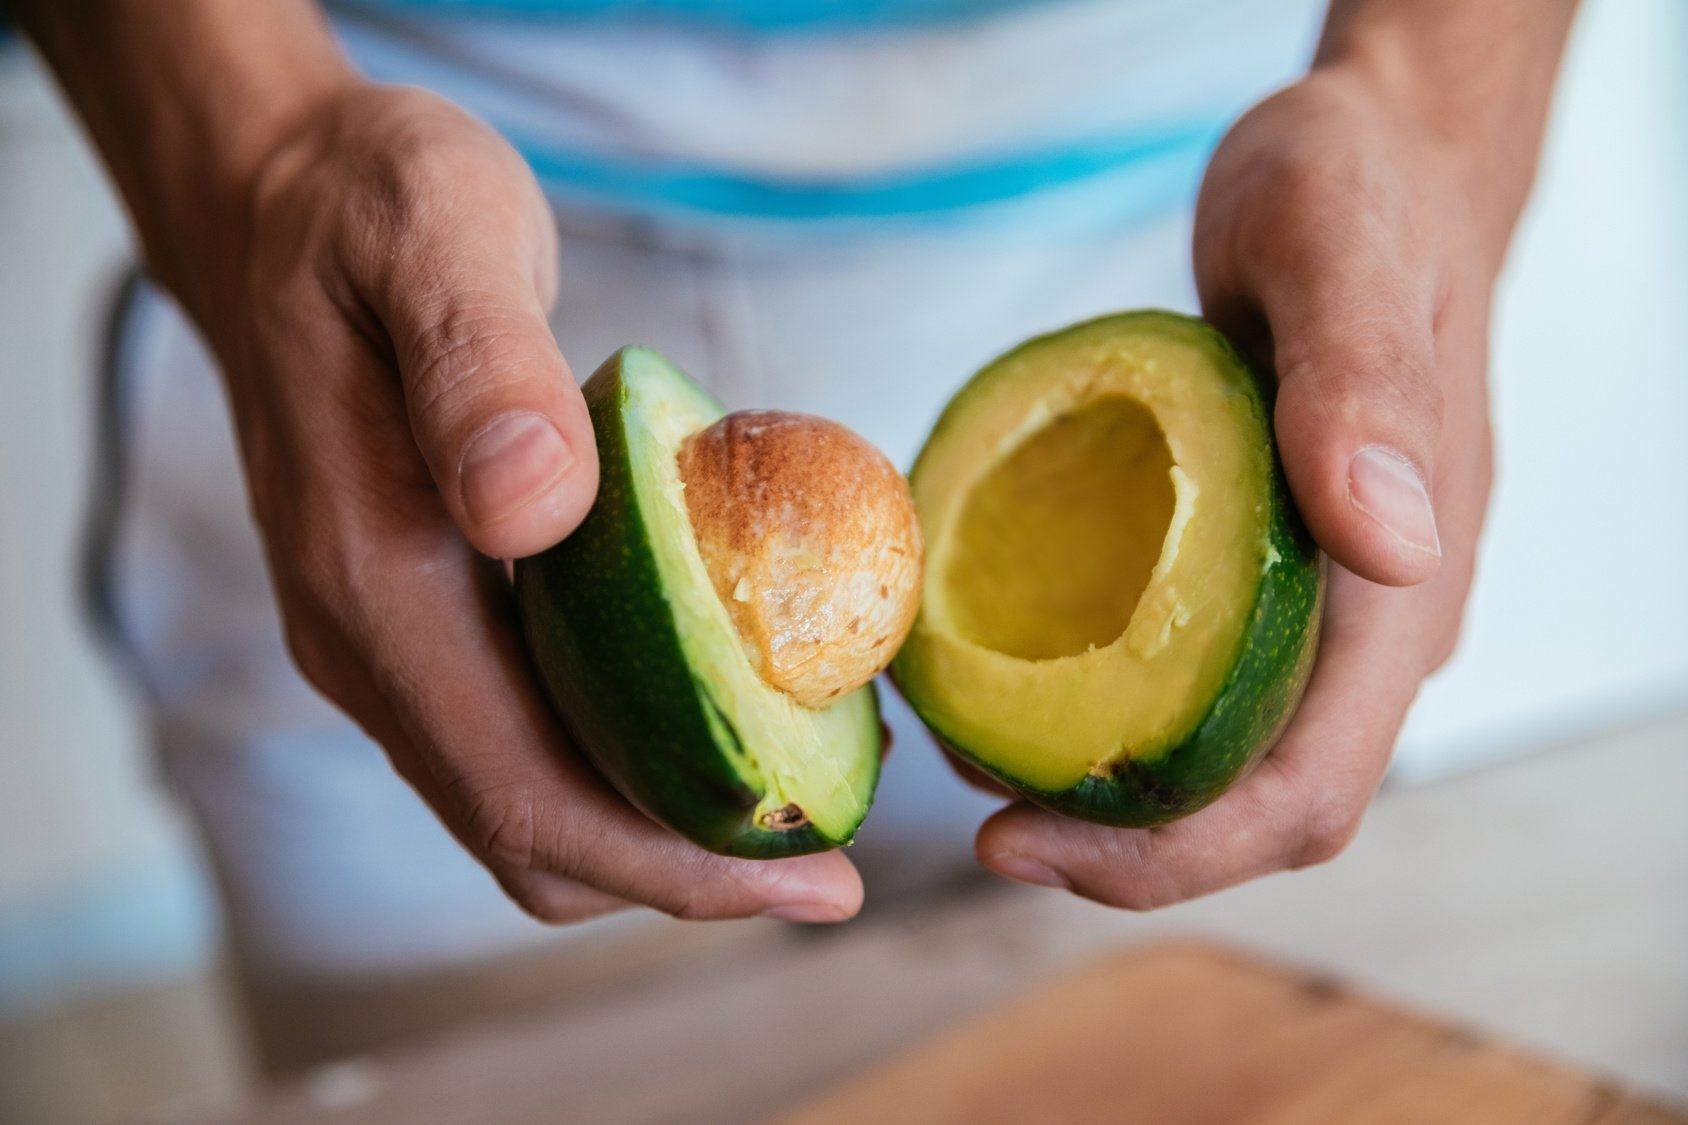 Tiroid bozukluğuna iyi gelmesiyle bilinen 3 meyve #3